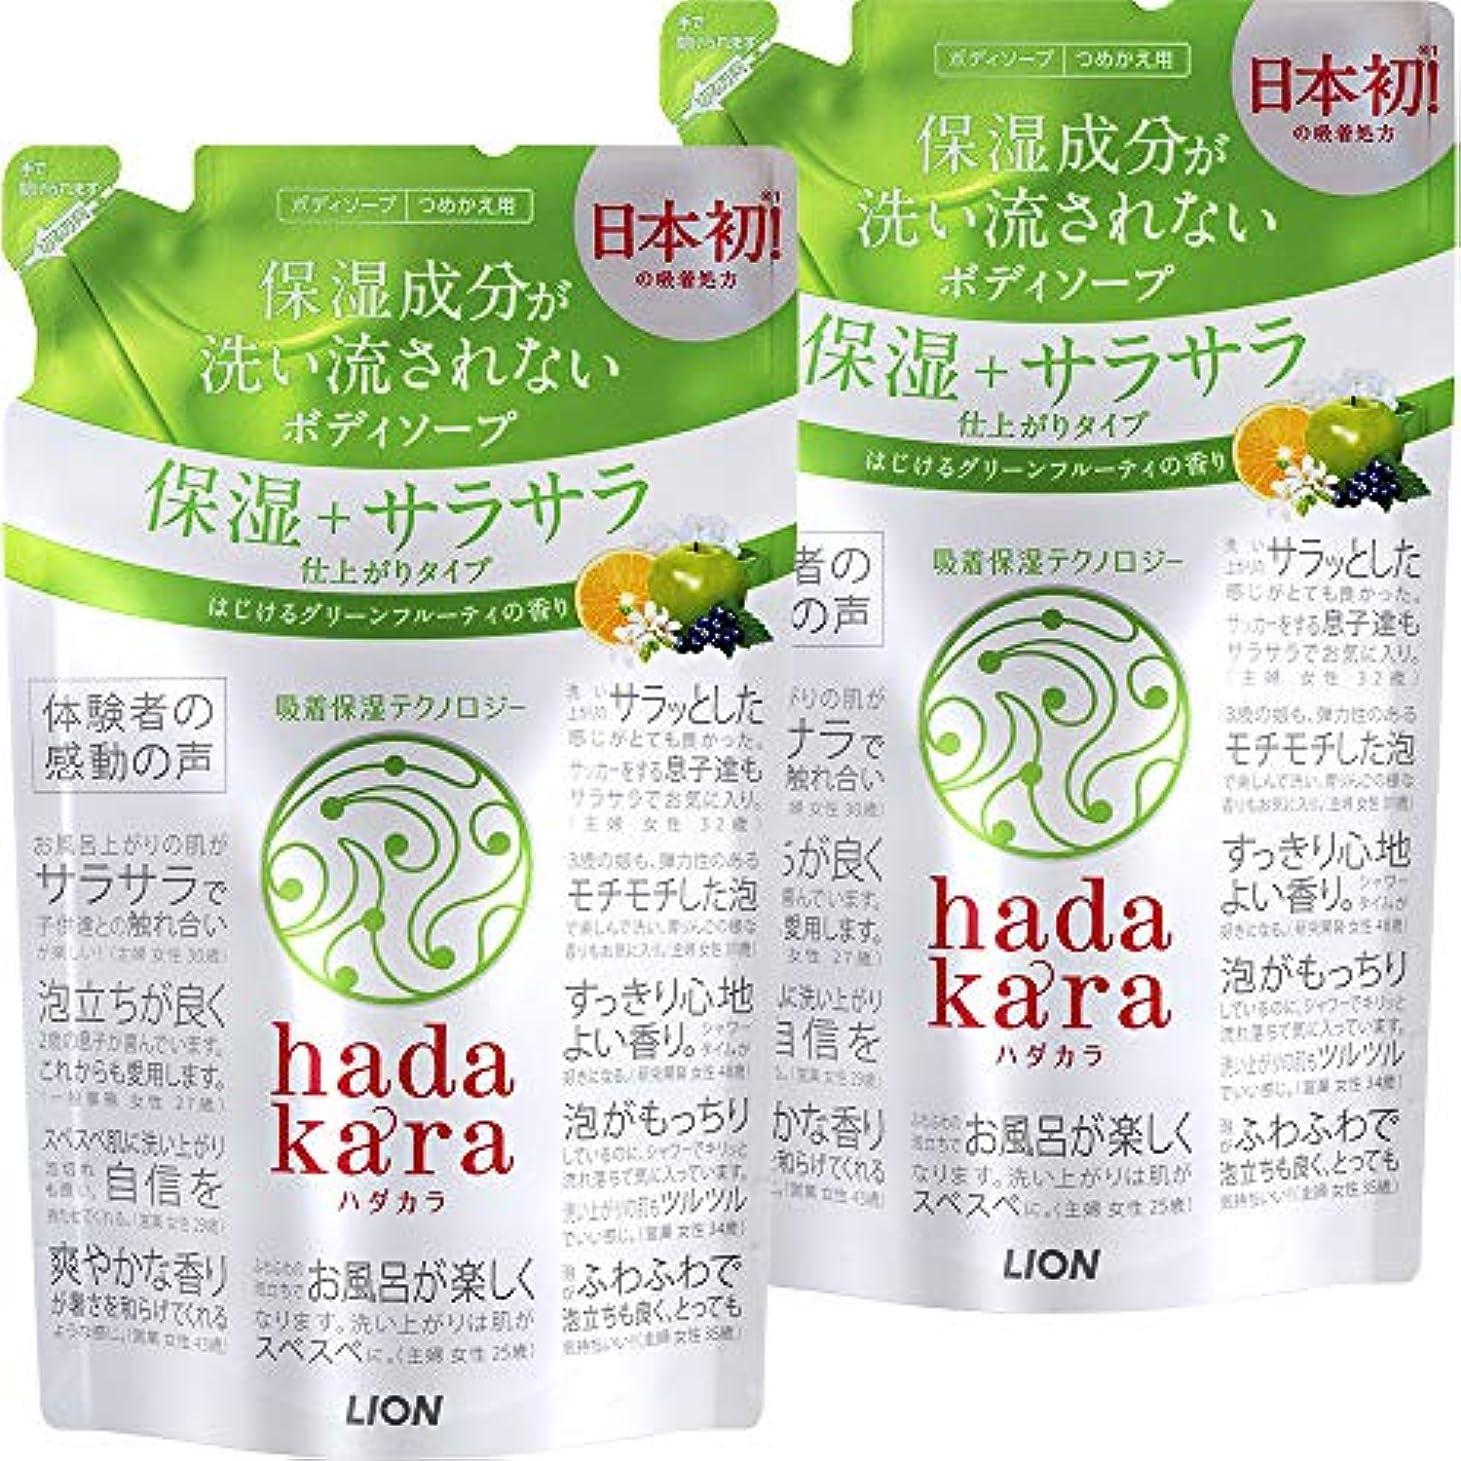 有用住人存在する【まとめ買い】hadakara(ハダカラ) ボディソープ 保湿+サラサラ仕上がりタイプ グリーンフルーティの香り 詰め替え 340ml×2個パック